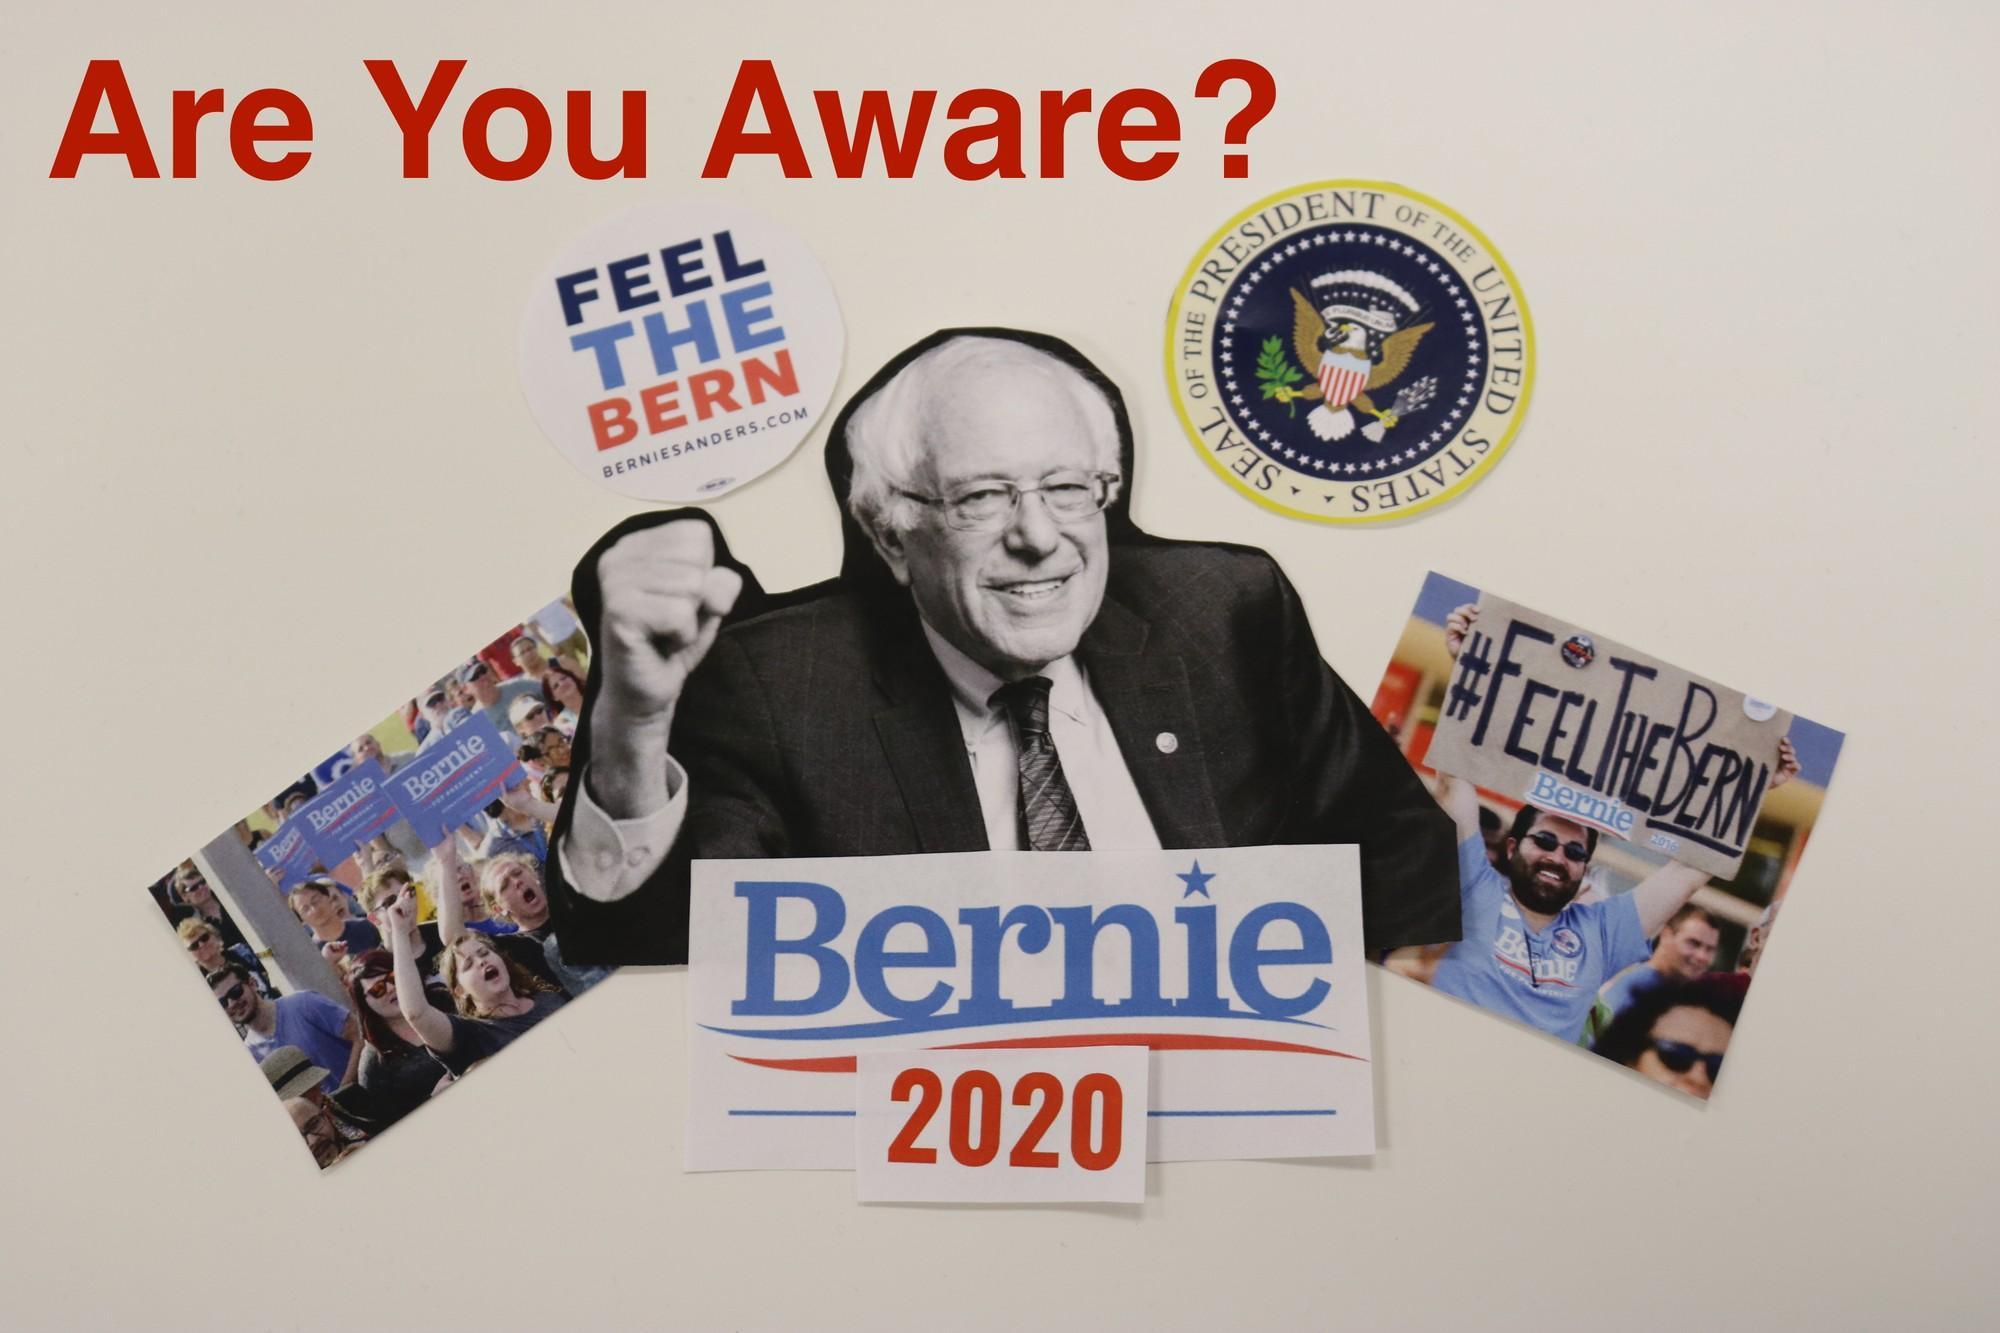 A poster of Bernie Sanders